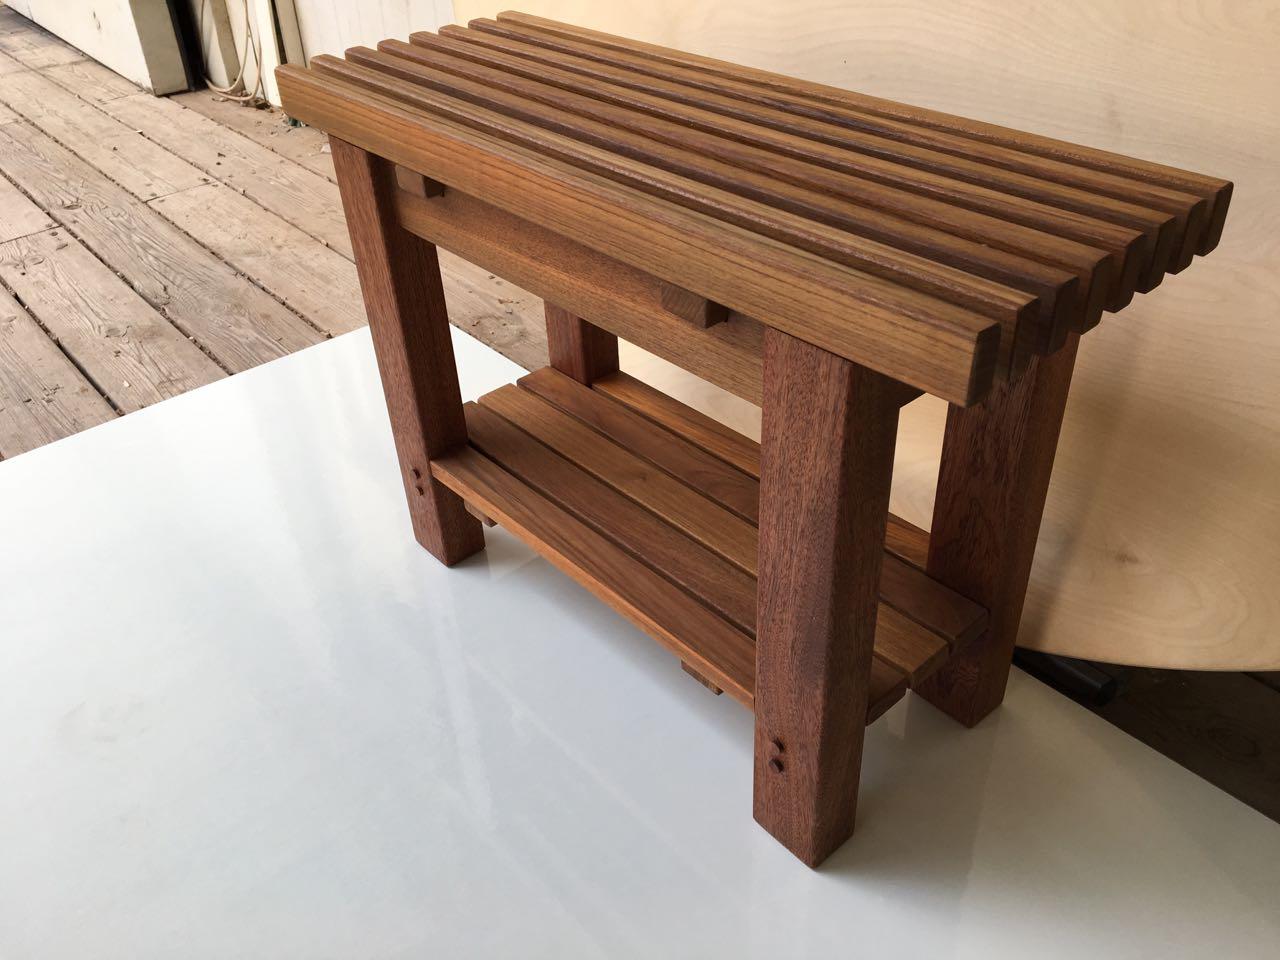 ספסל קוסטה מעץ טיק צר מהרגיל עם מדף